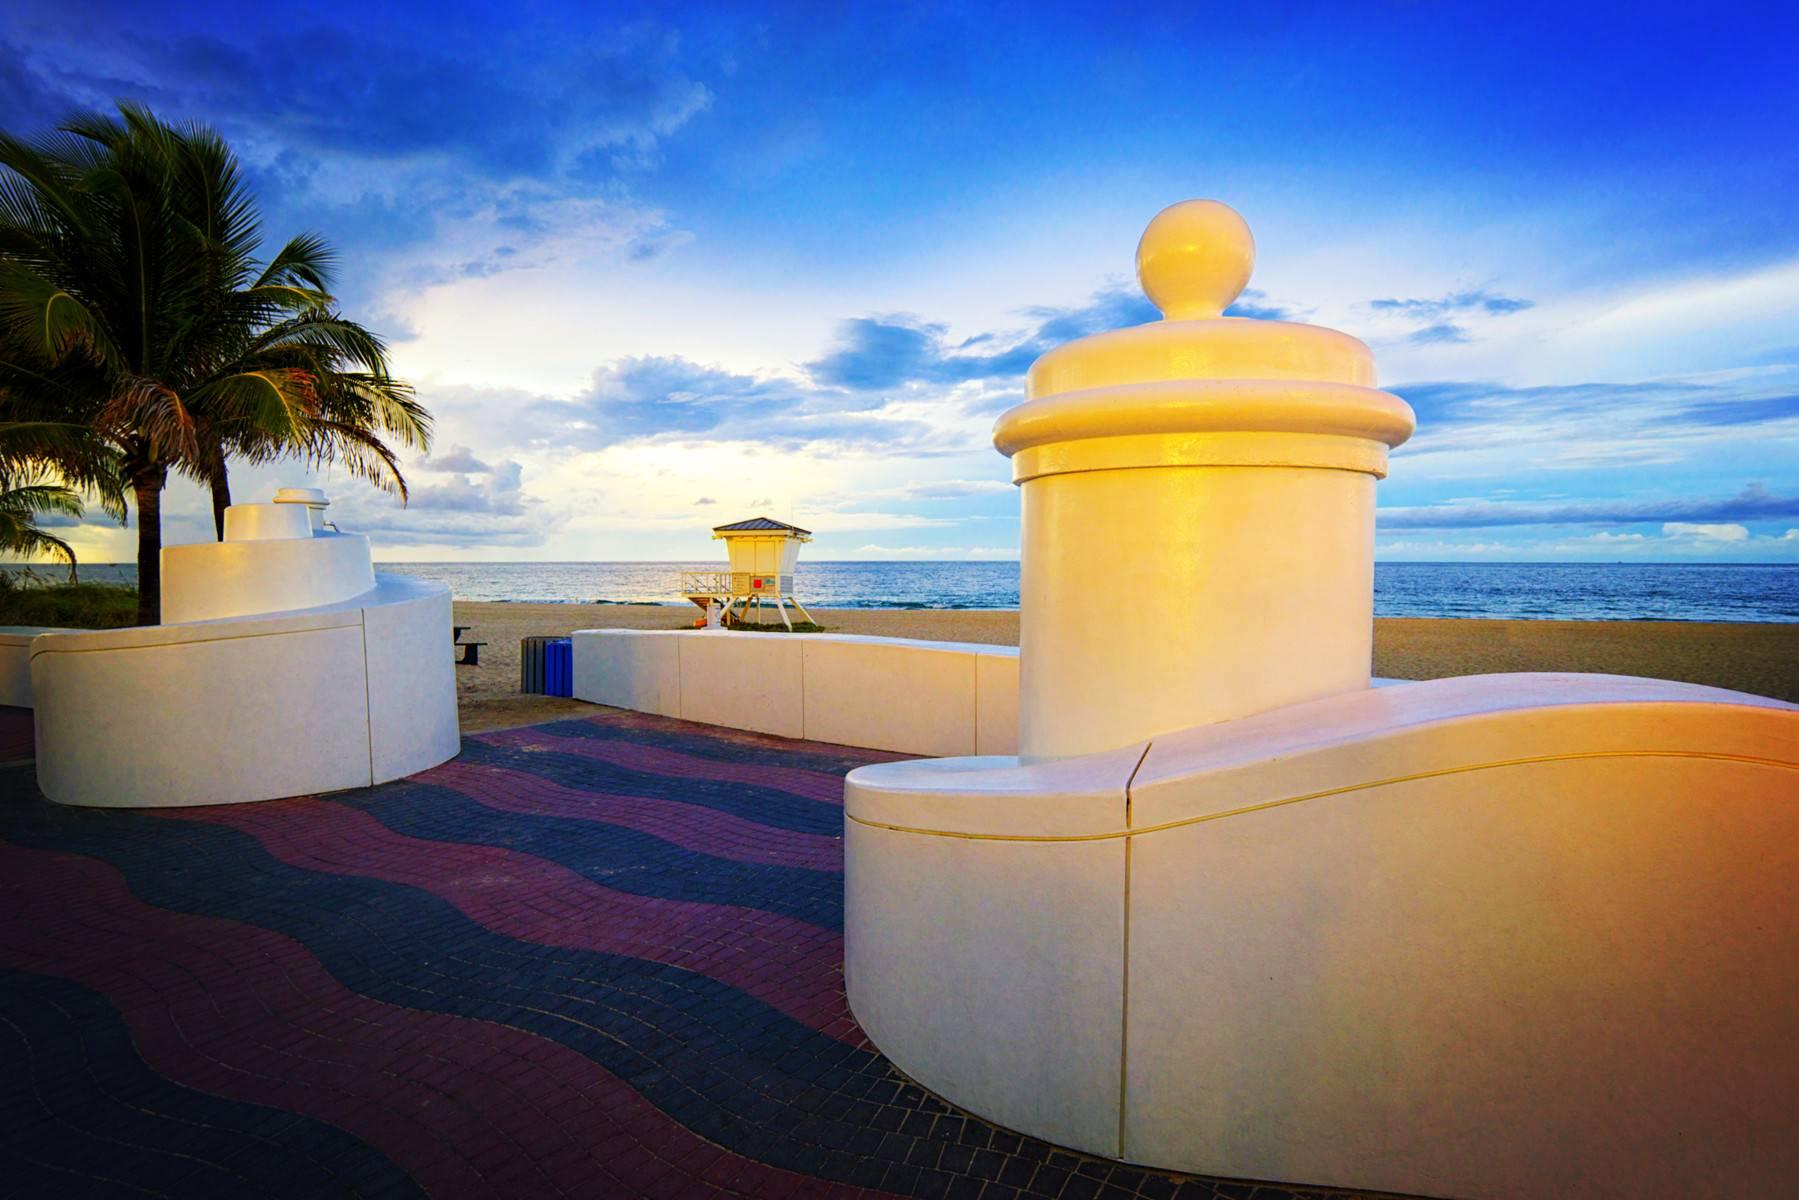 5 Day South Florida Tour Miami Key West Naples Fort